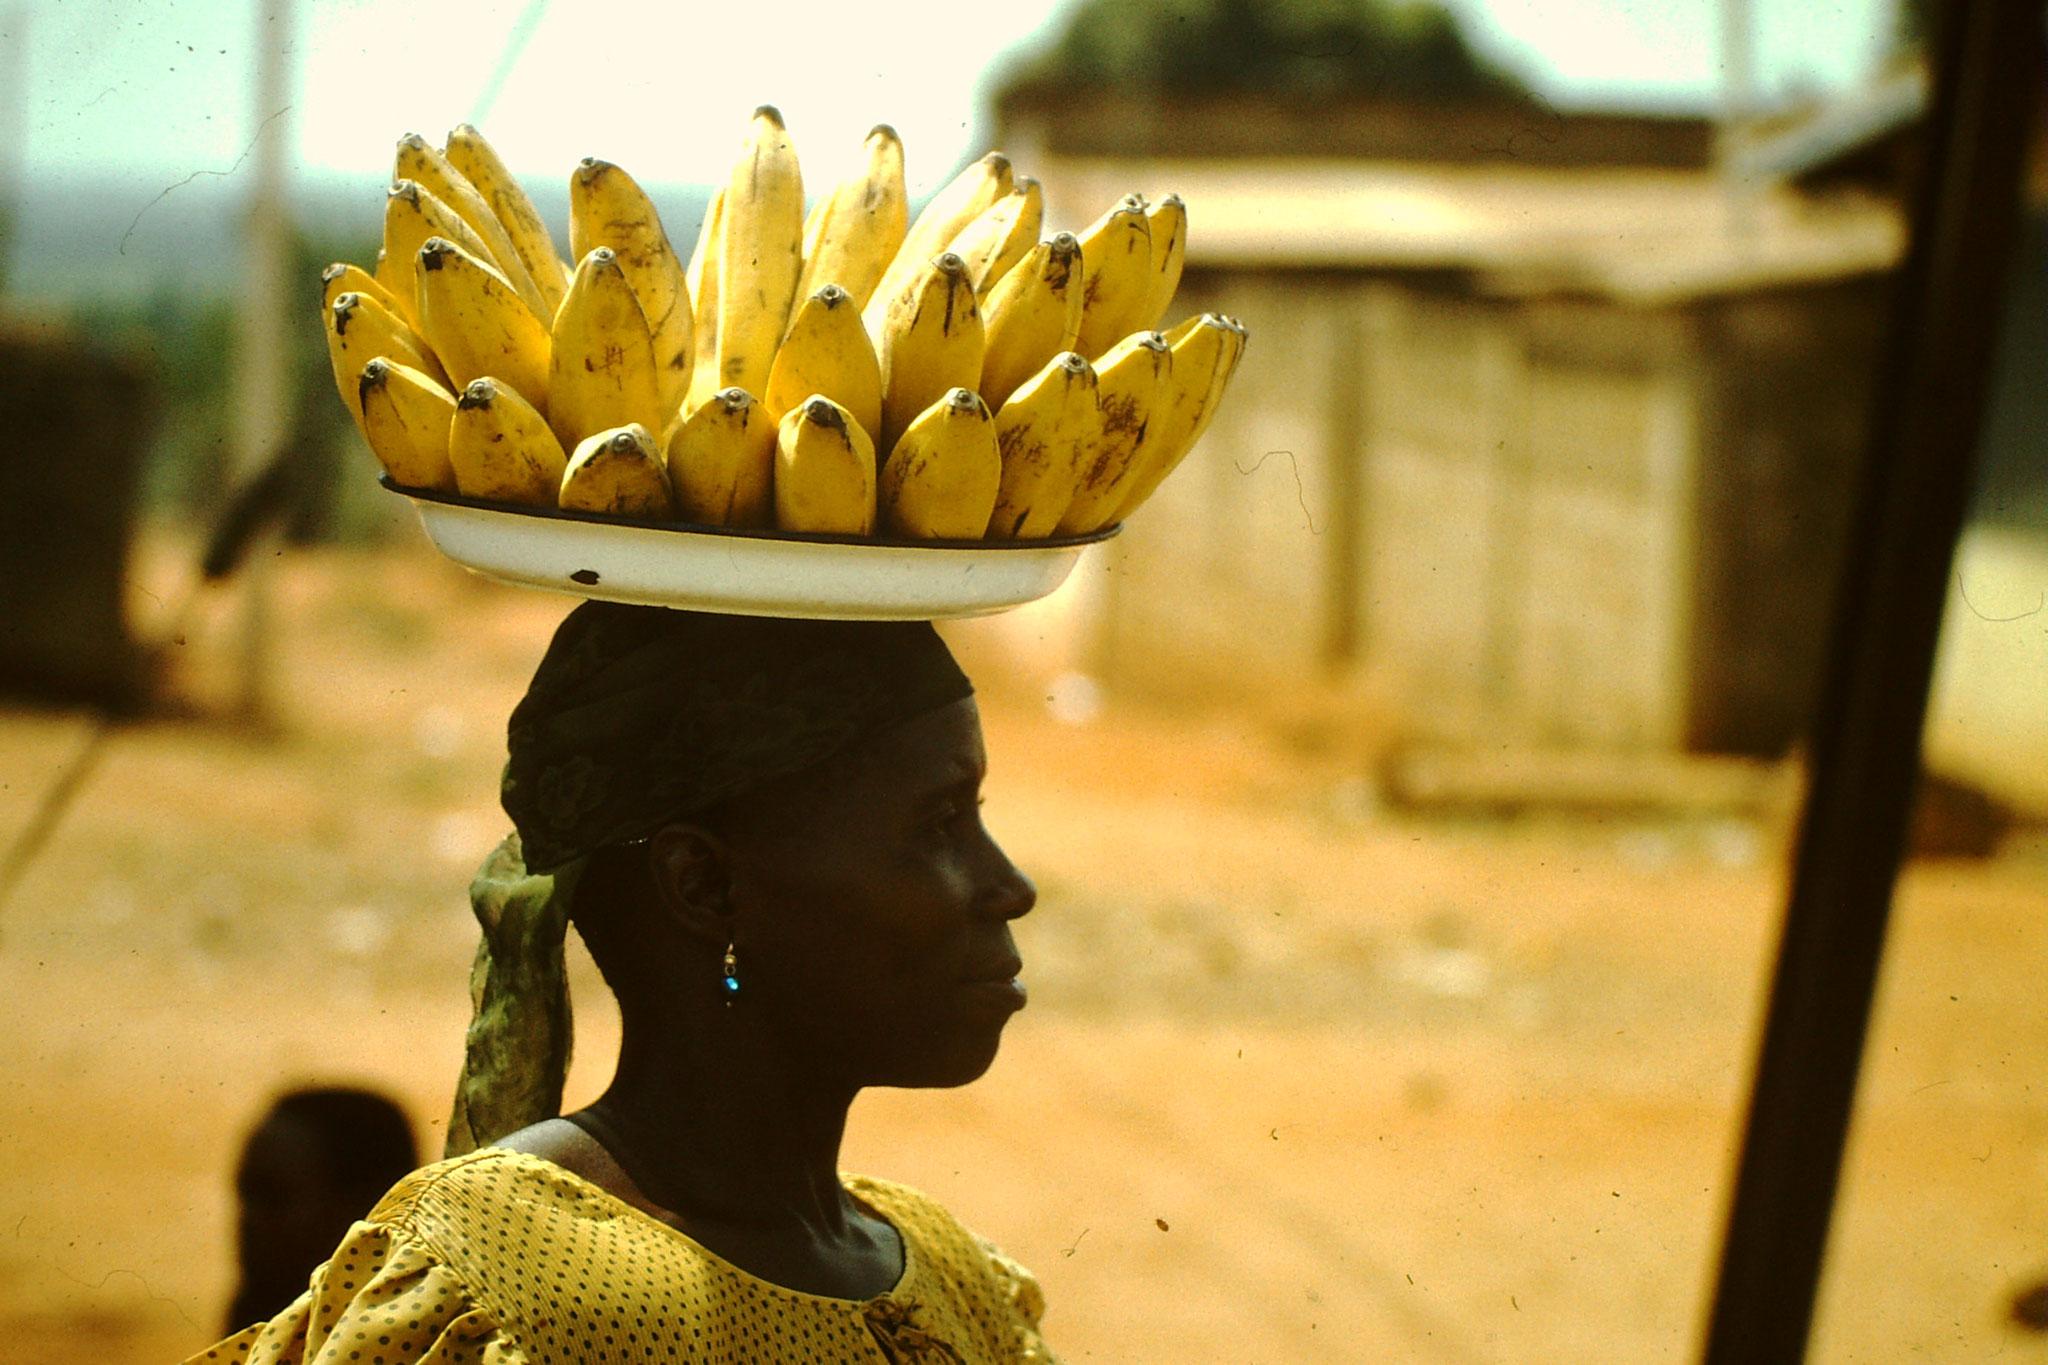 Bananenverkäuferin. Man nennt sie Akorunton.